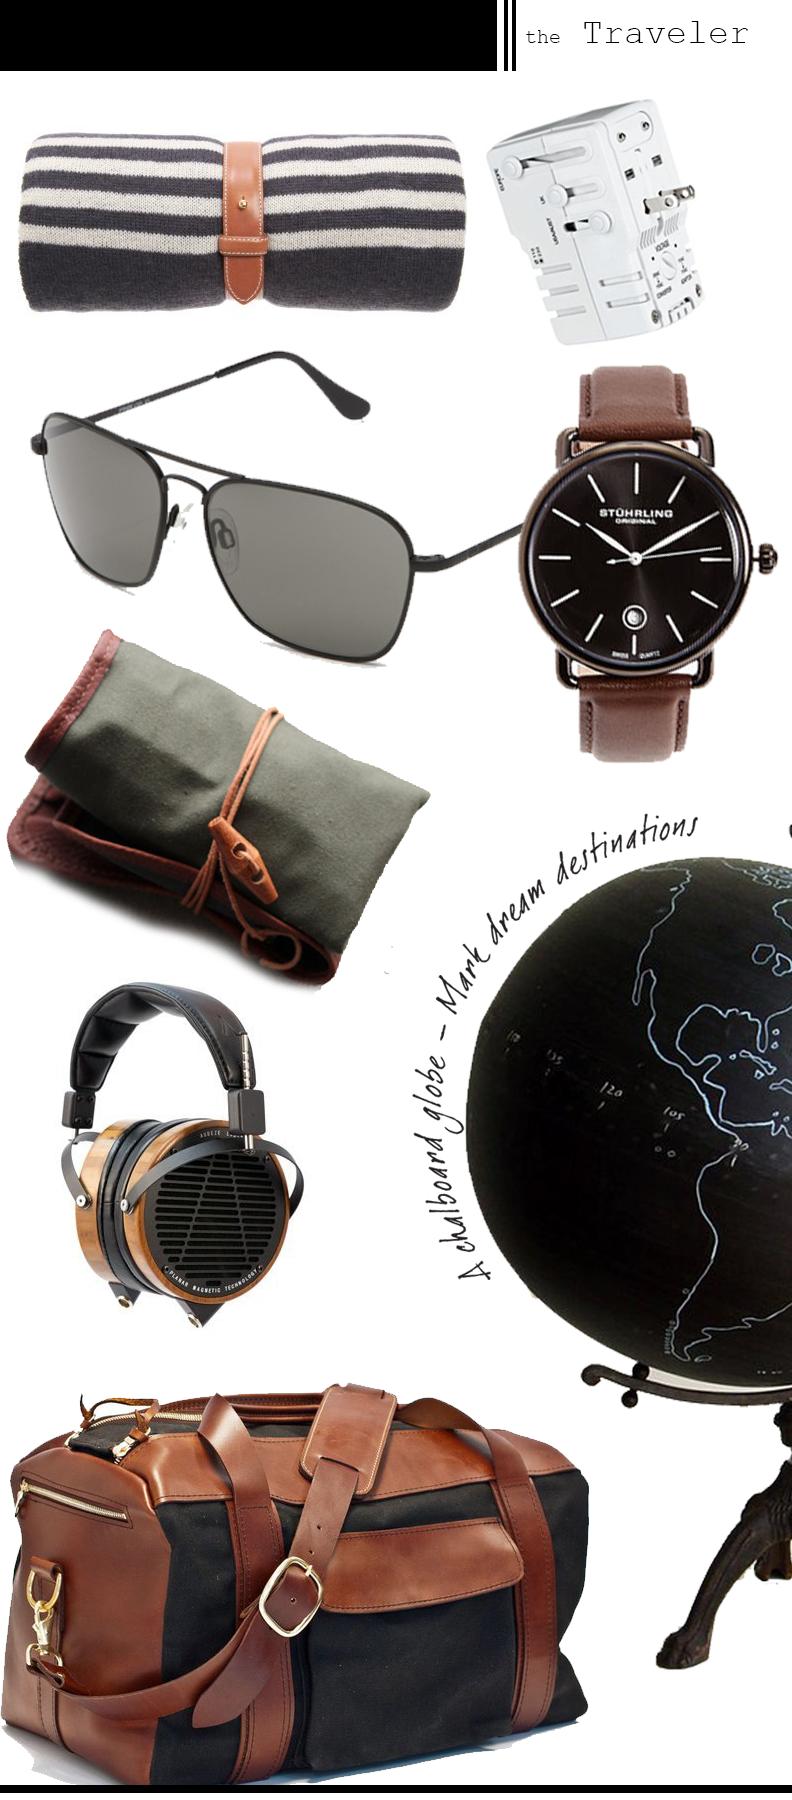 Guy's Gift Lookbook 2013 - The Traveler